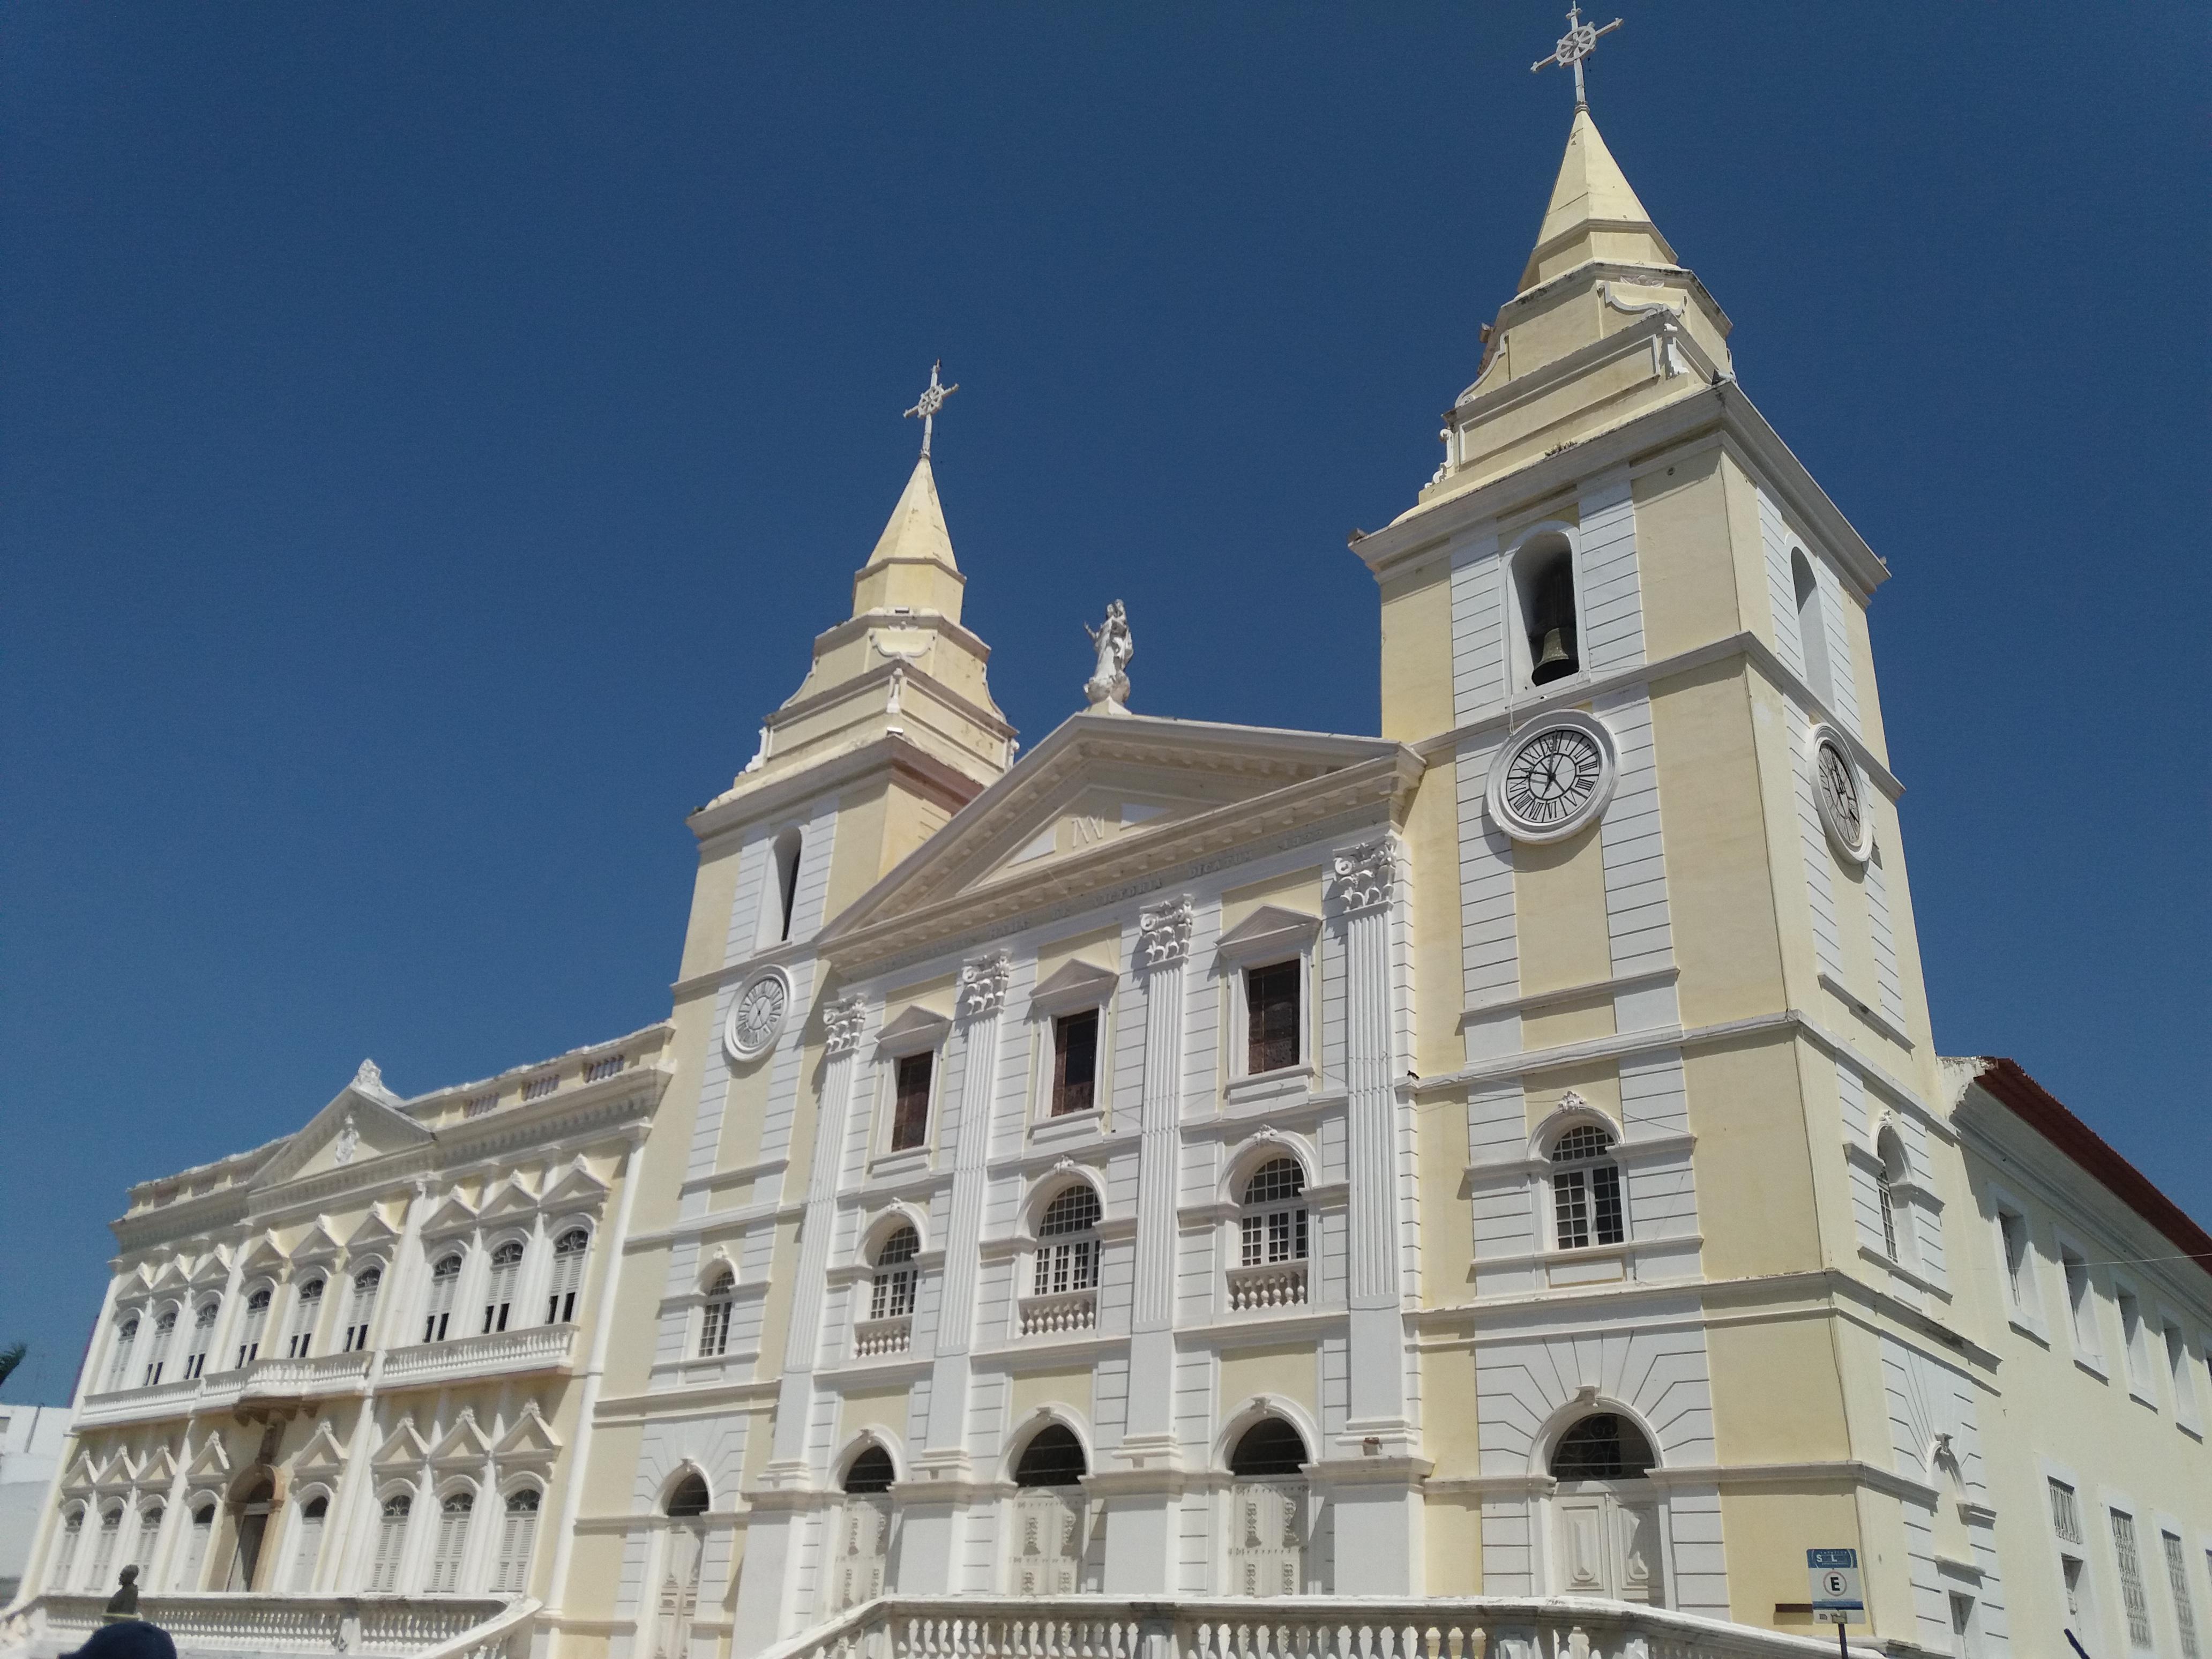 Catedral da Sé e Museu de Arte Sacra São Luís